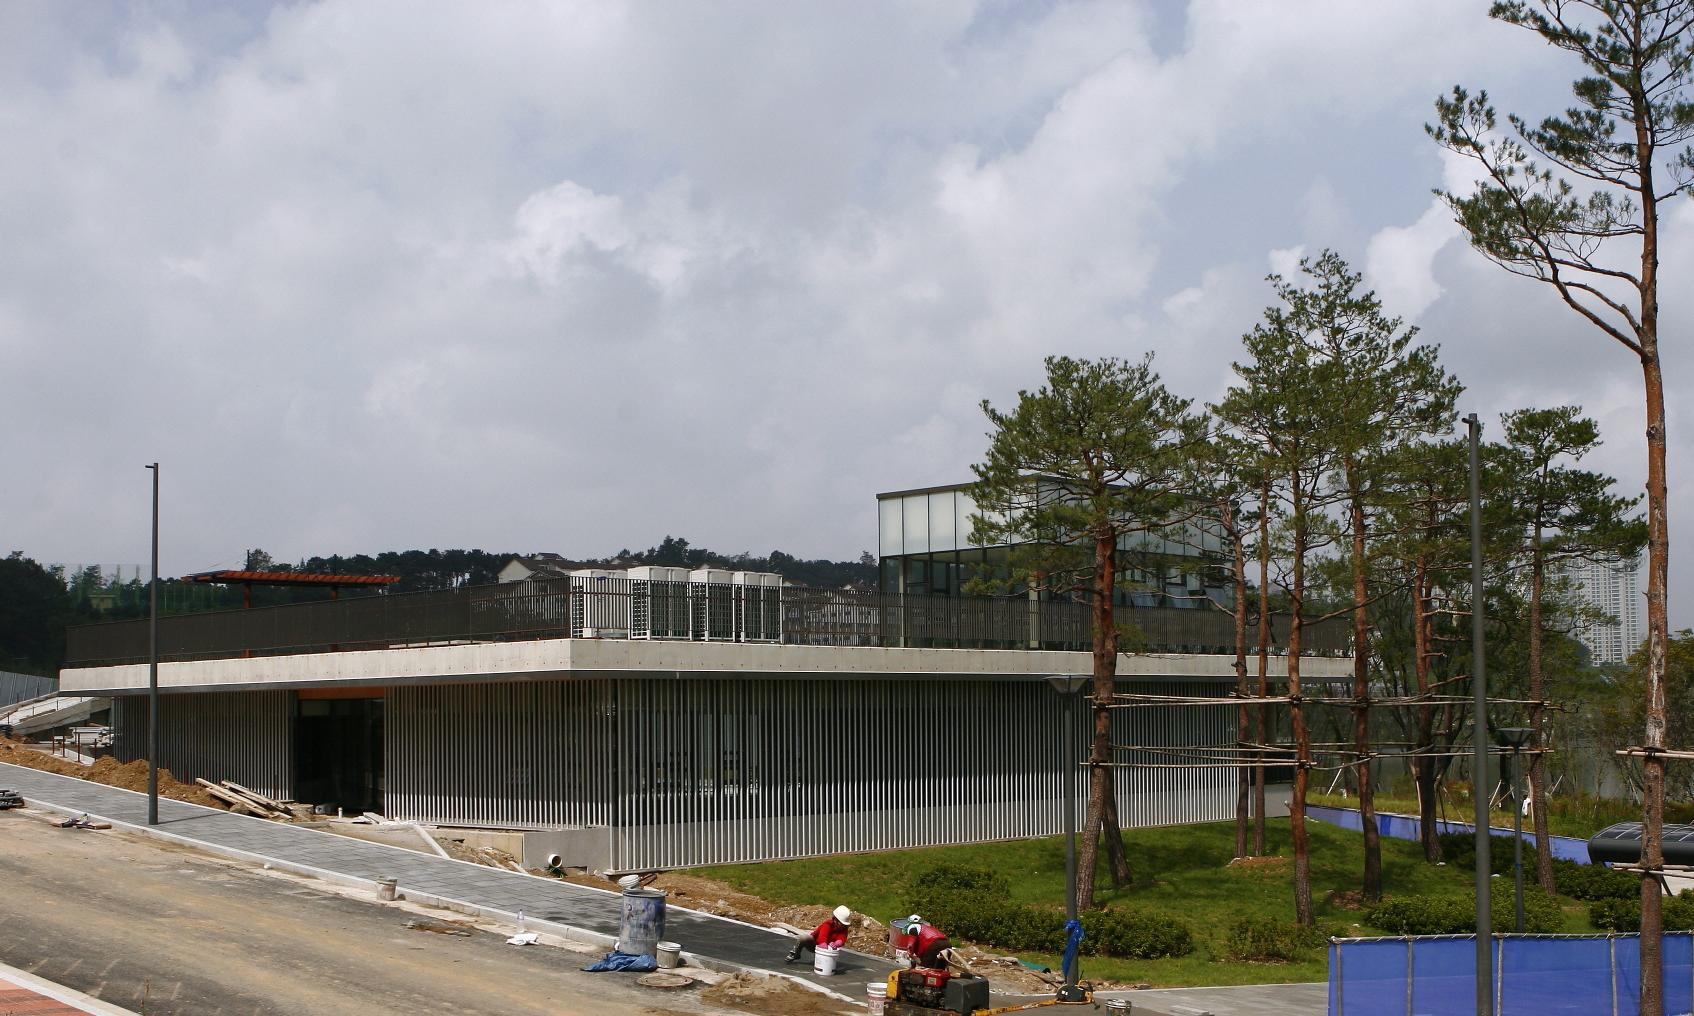 201203-1.jpg